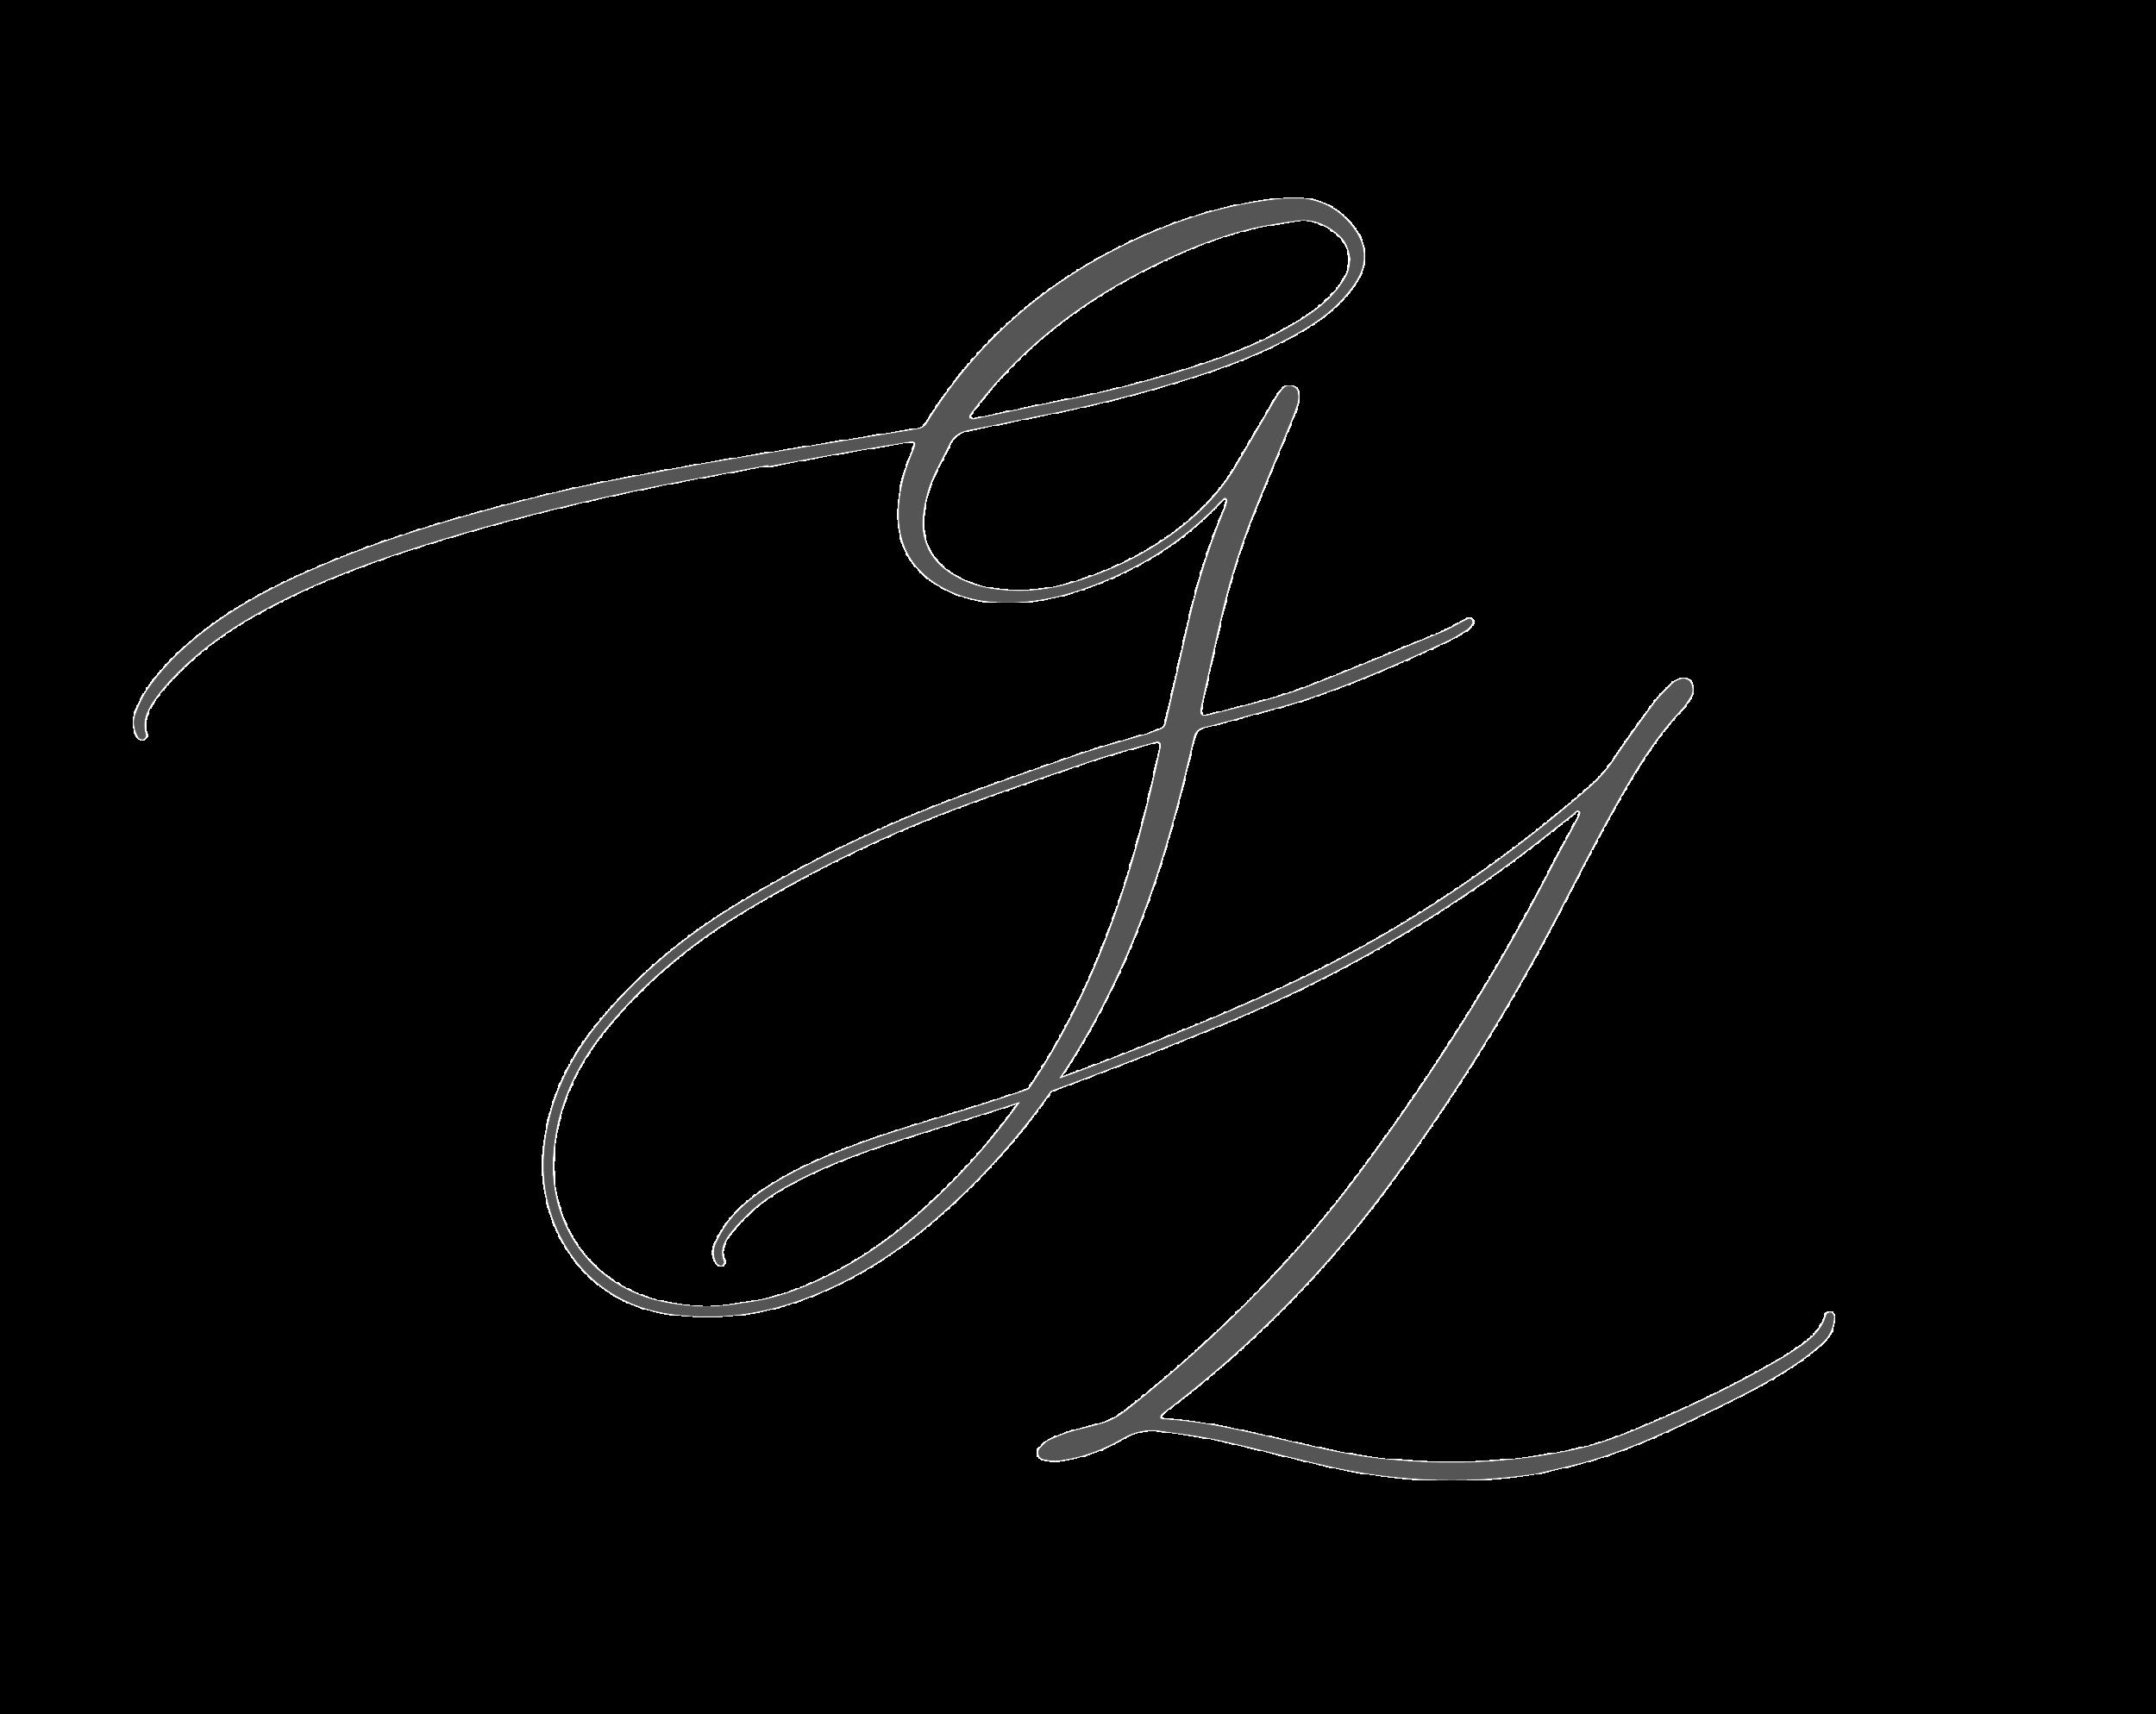 e604 - GL (1a) GRAY (1).png